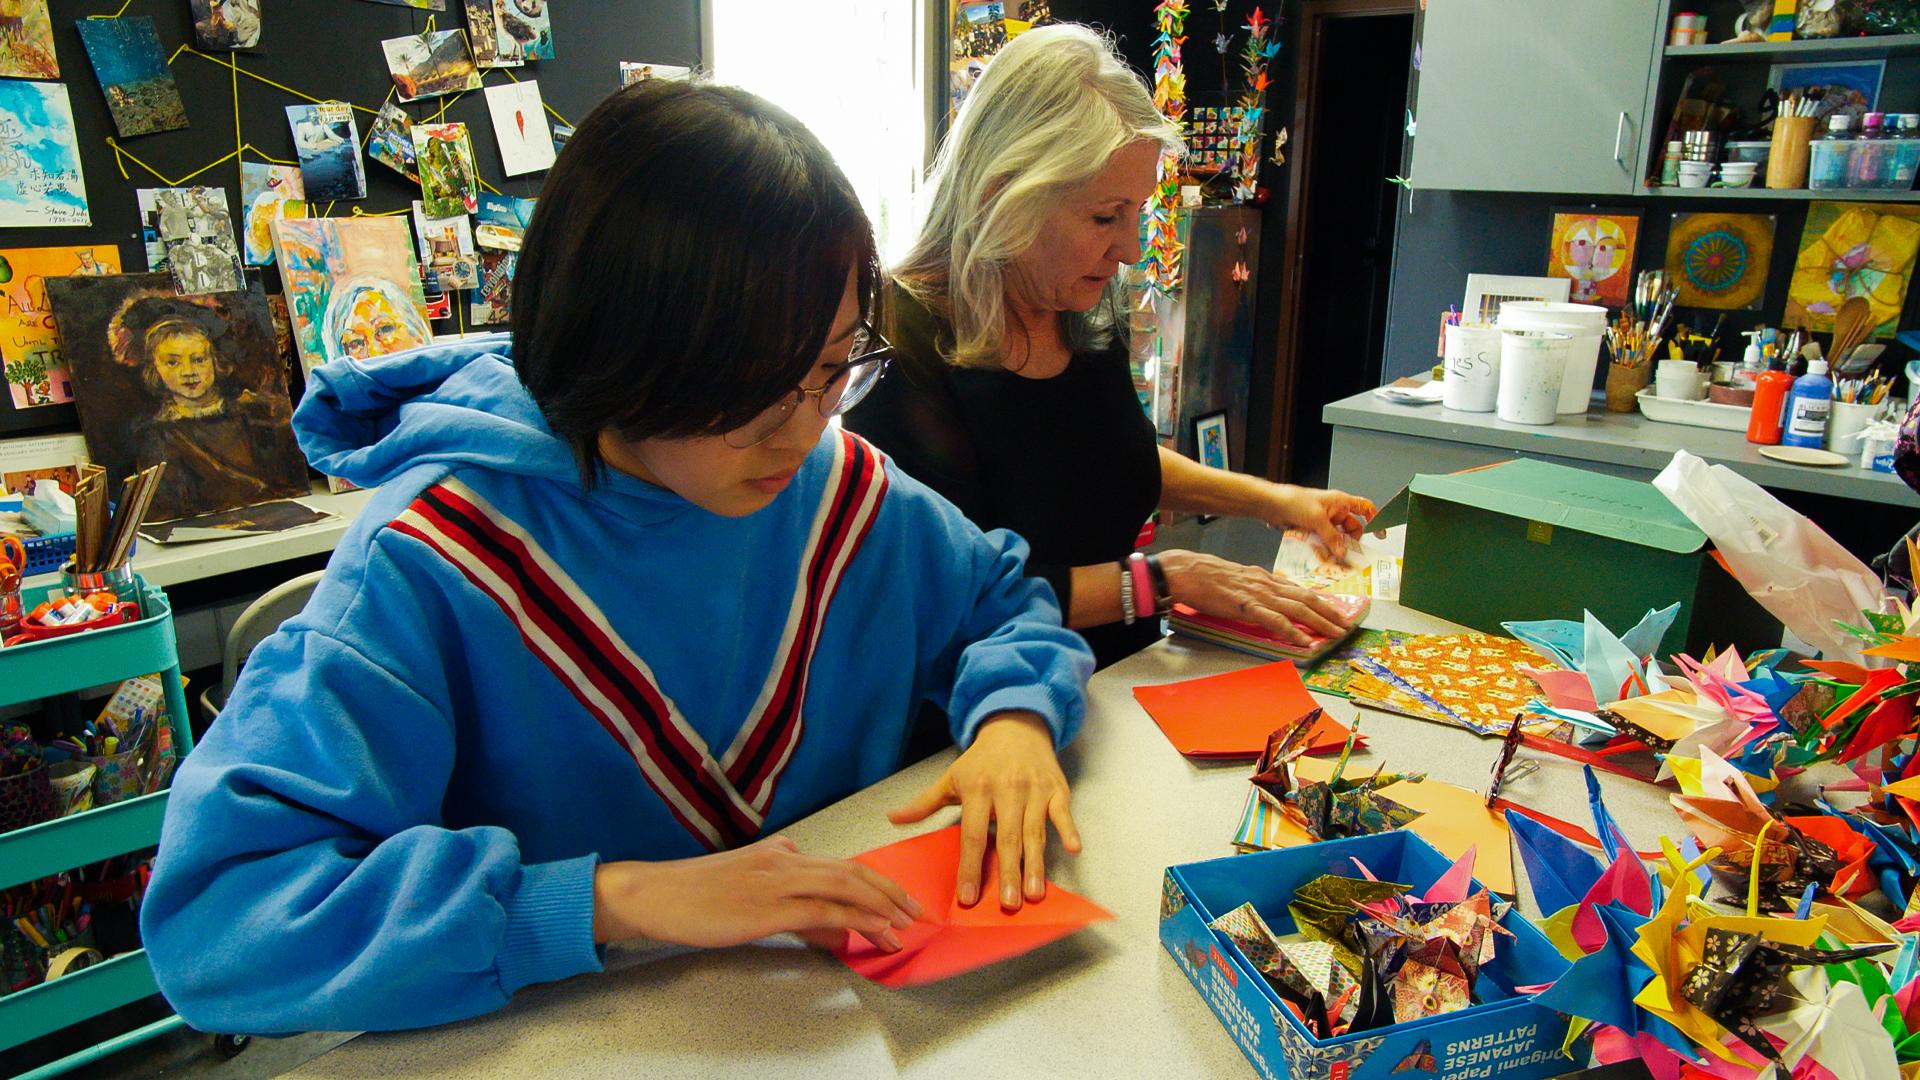 Ms. 鲁道夫与艺术俱乐部一起从事纸鹤项目.